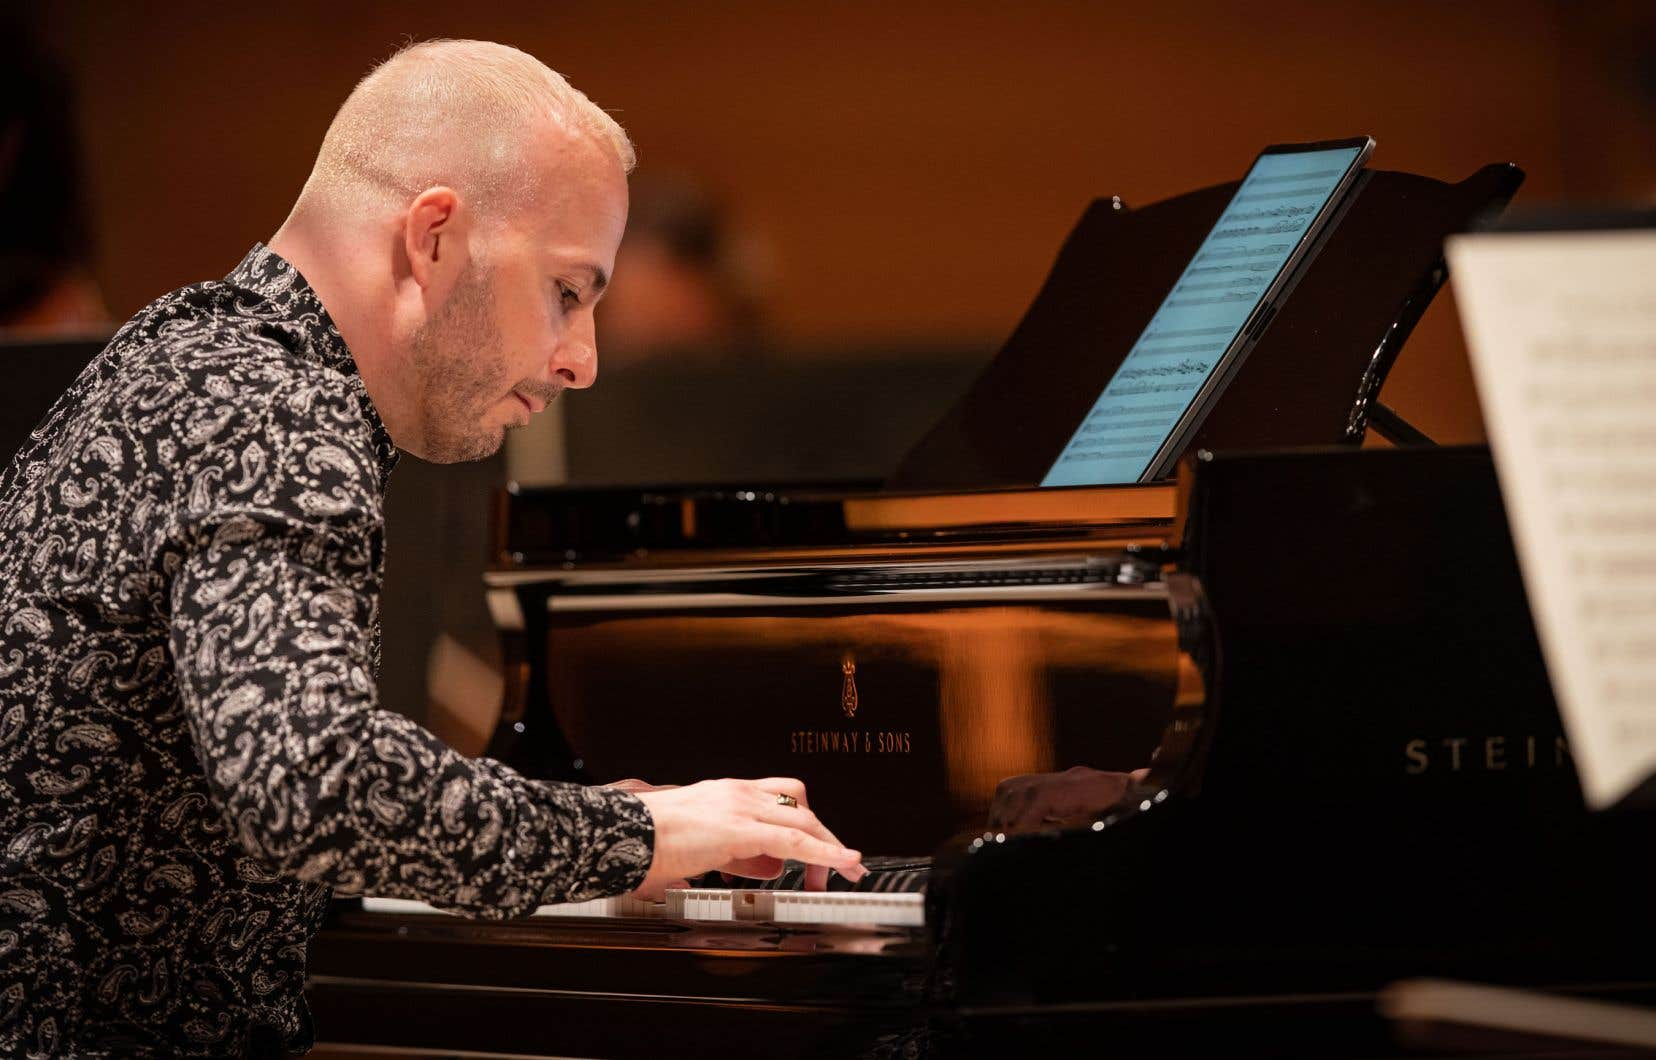 L'OM diffuse jusqu'au 9mai le concert où Yannick Nézet-Séguin s'est mis au piano dans le «12eConcerto» de Mozart, avec en 2epartie une très tonique «3eSymphonie» de Brahms.